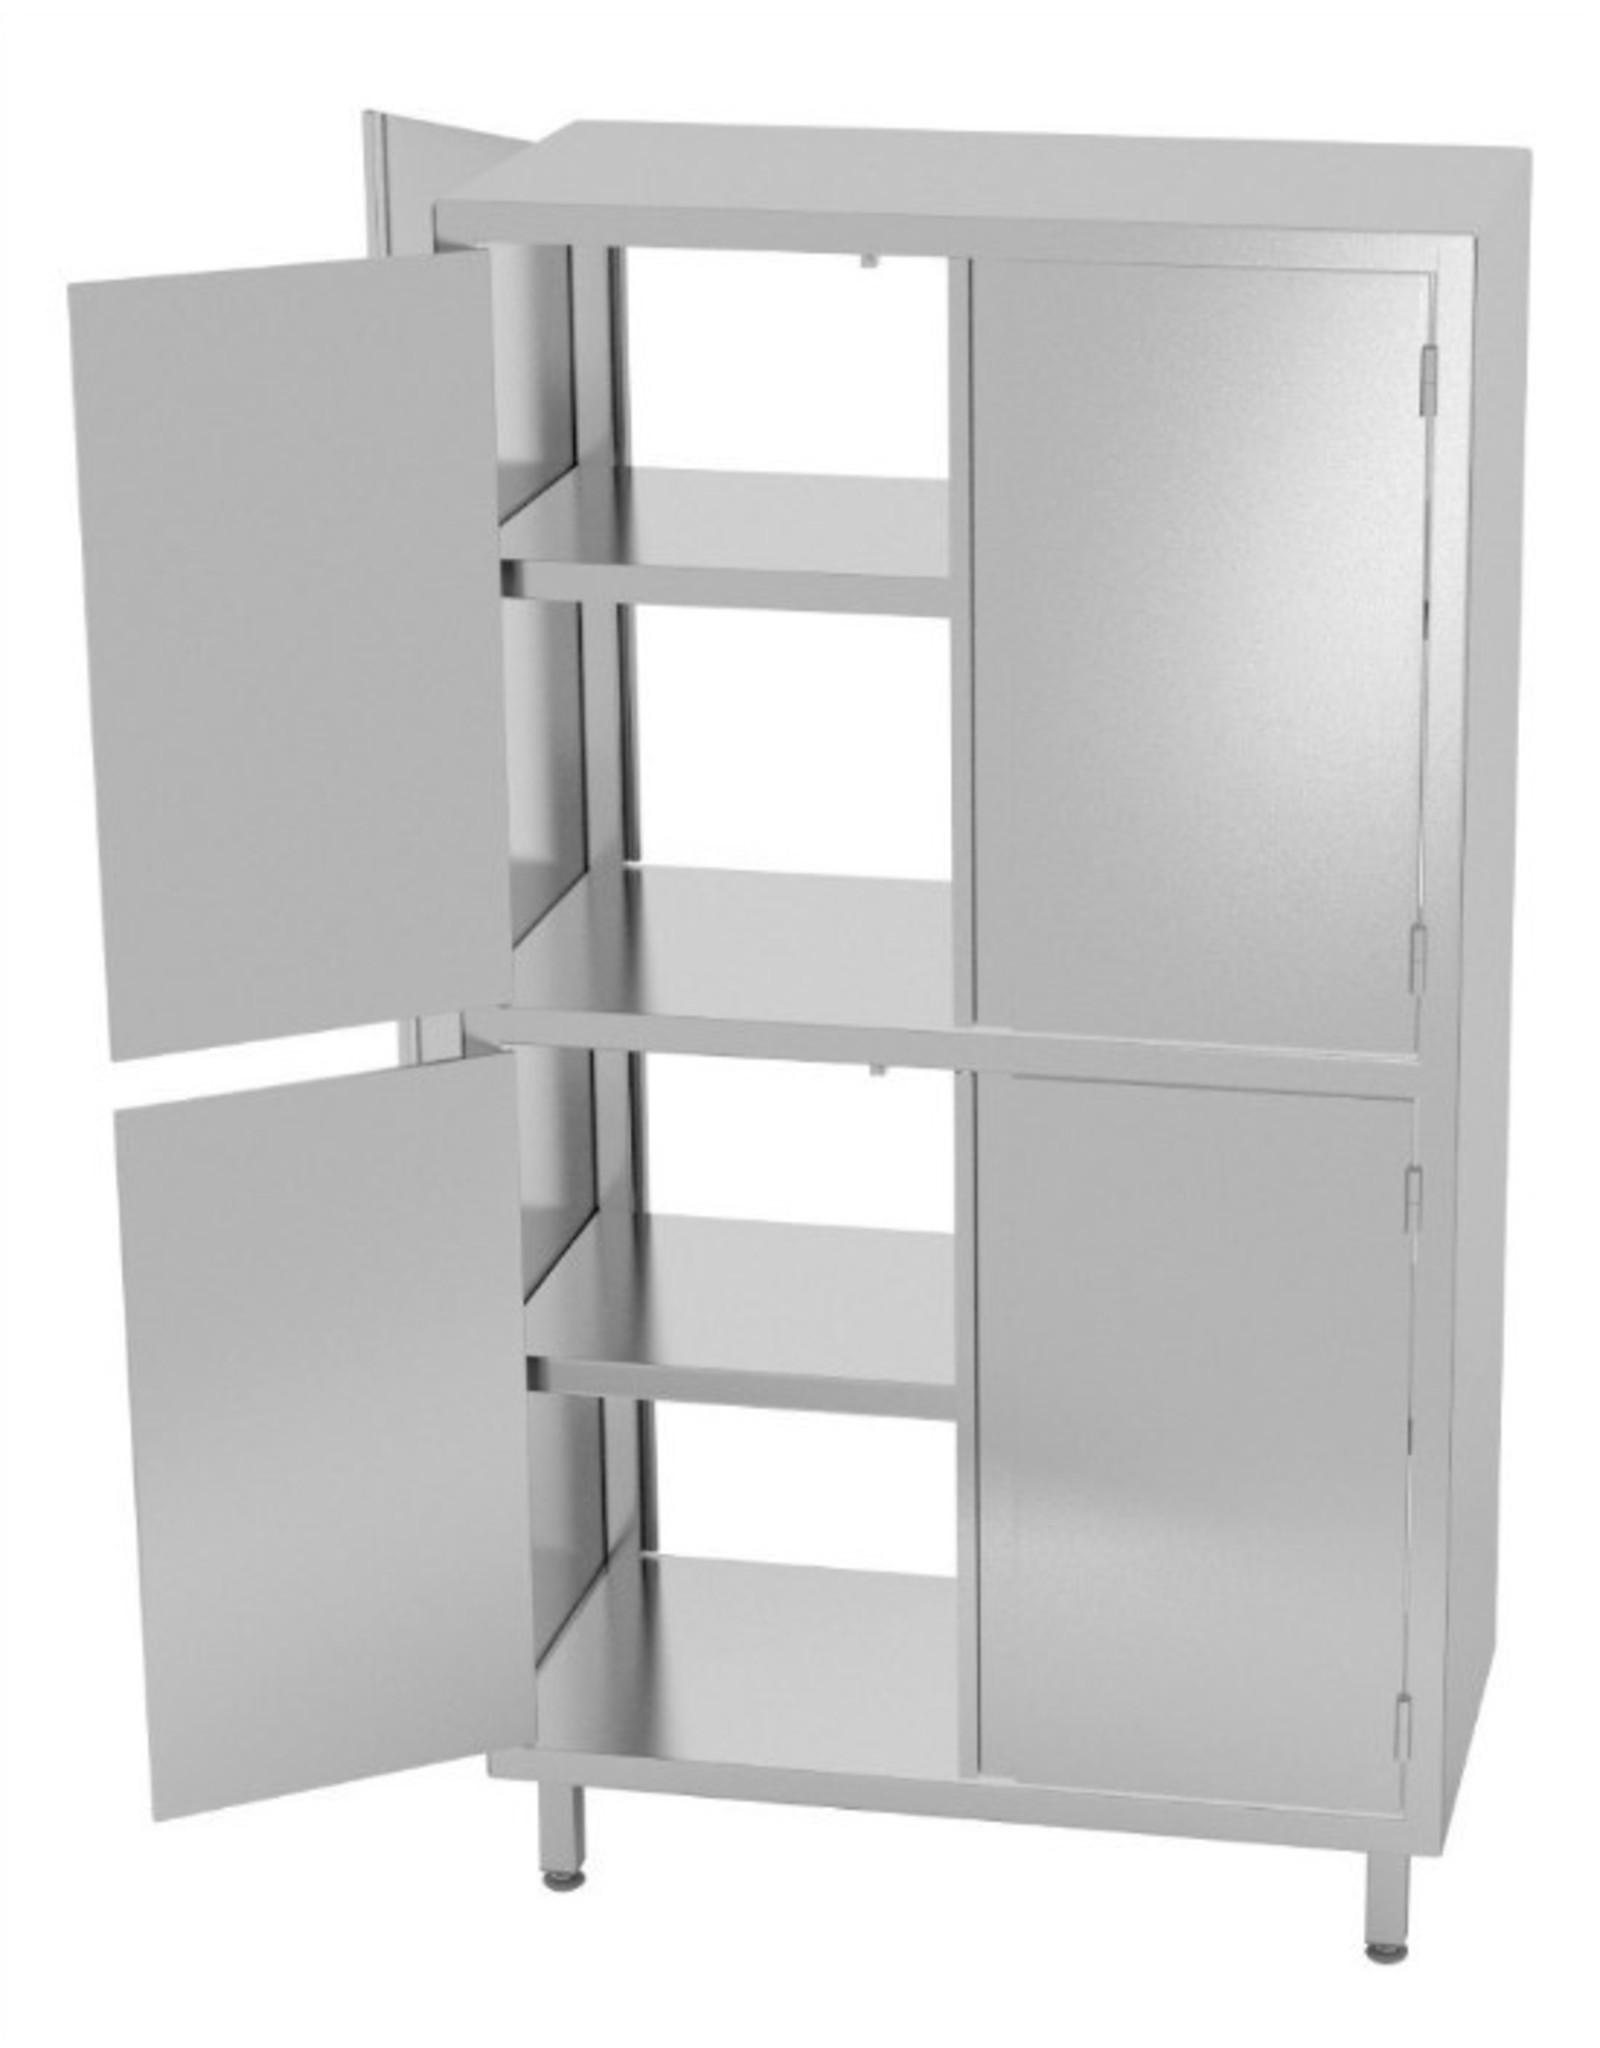 Kast pass-through met boven en onder dubbele klapdeuren | 800-1200mm breed | 500-700mm diep | 1800mm hoog